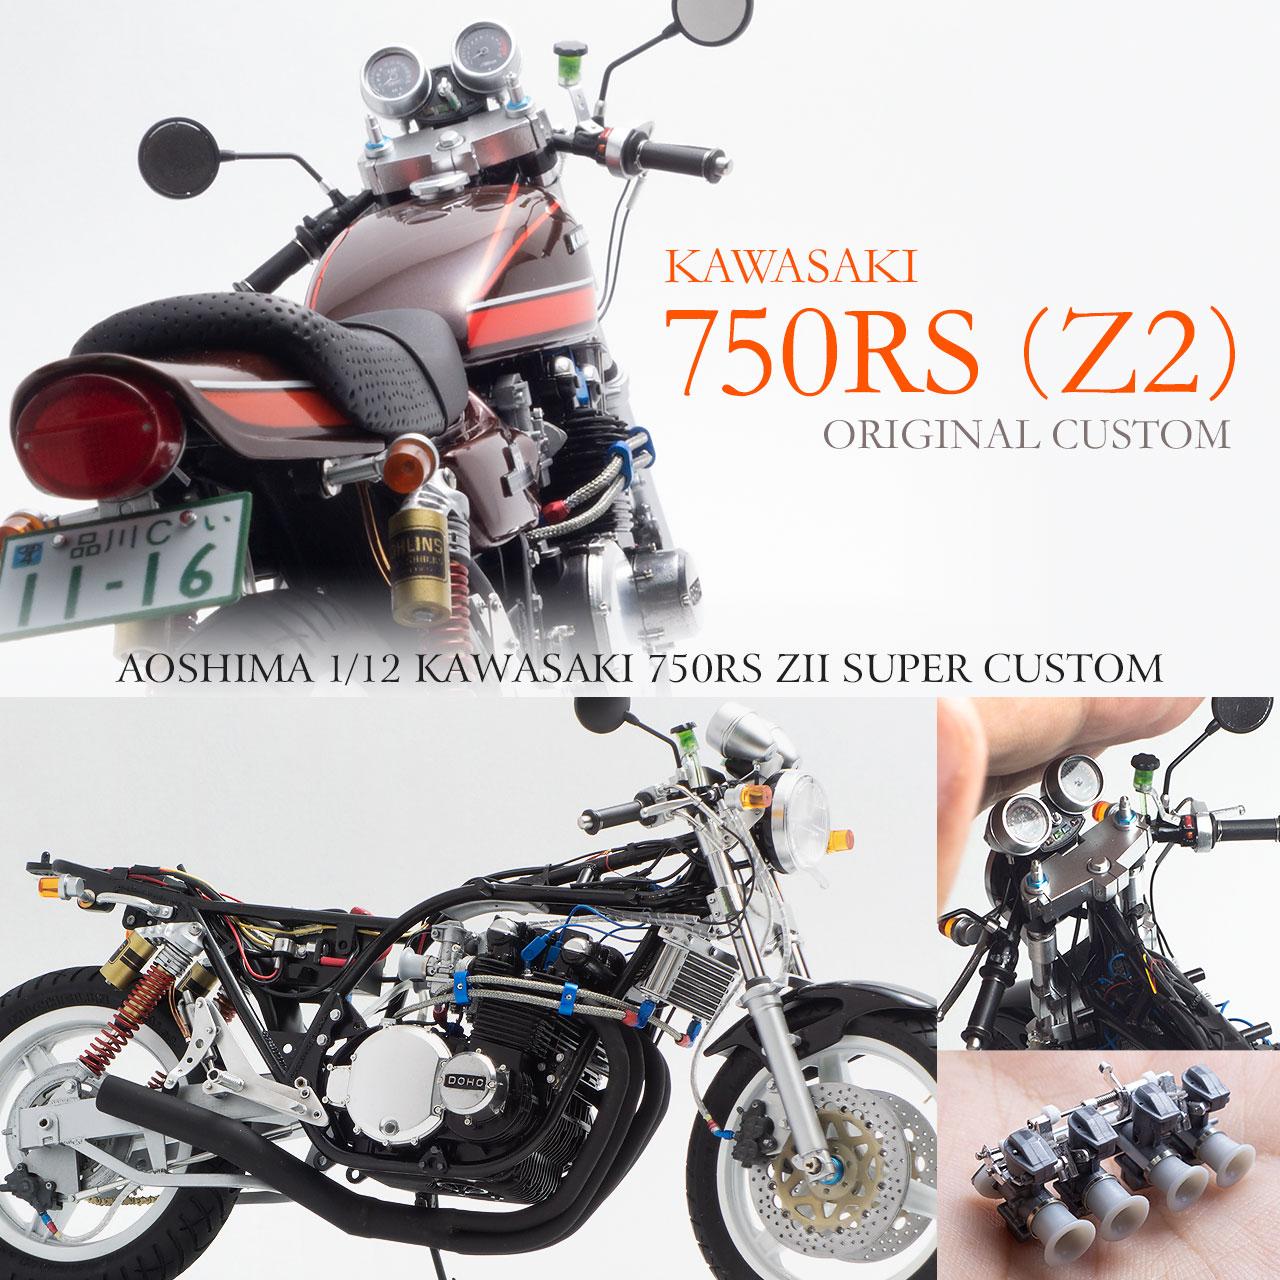 1/12 AOSHIMA KAWASAKI 750RS Z2 アオシマ カワサキ750RS Z2